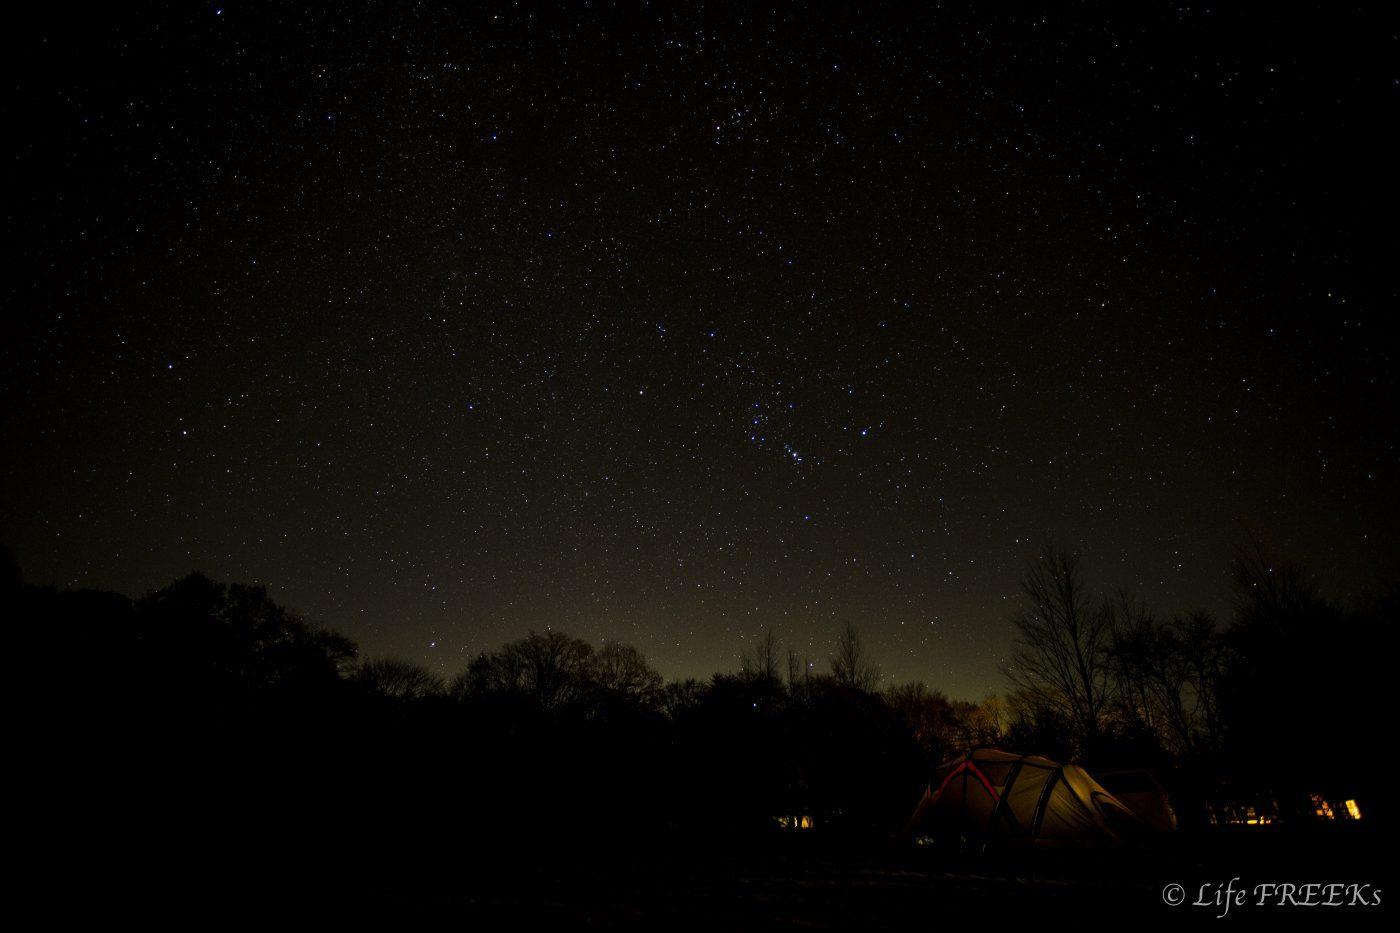 冬キャンプの星空